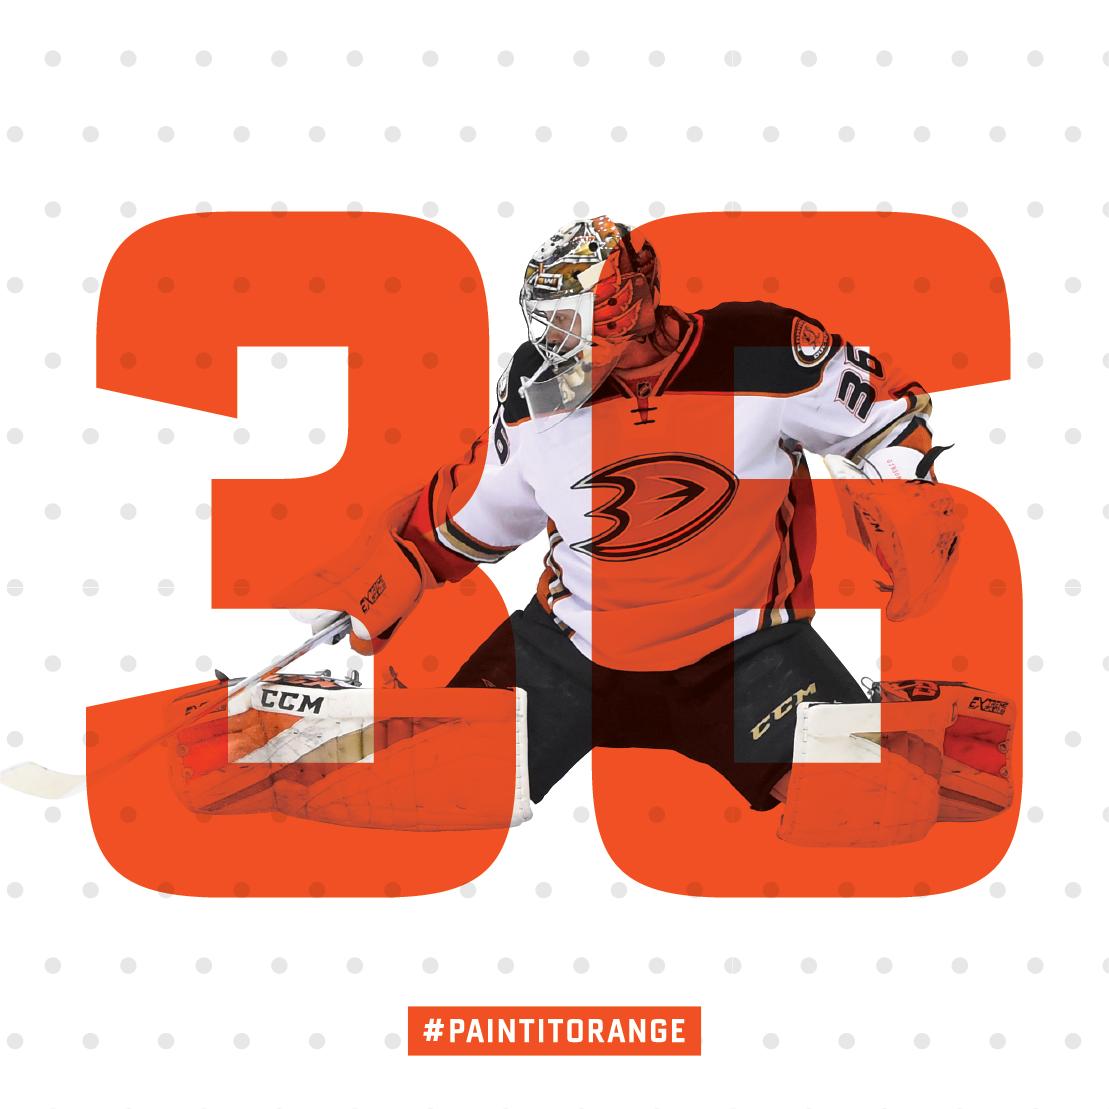 Anaheim_Ducks_Action_Sports_NHL_Paint it Orange_Marketing_Playoffs_Stanley Cup